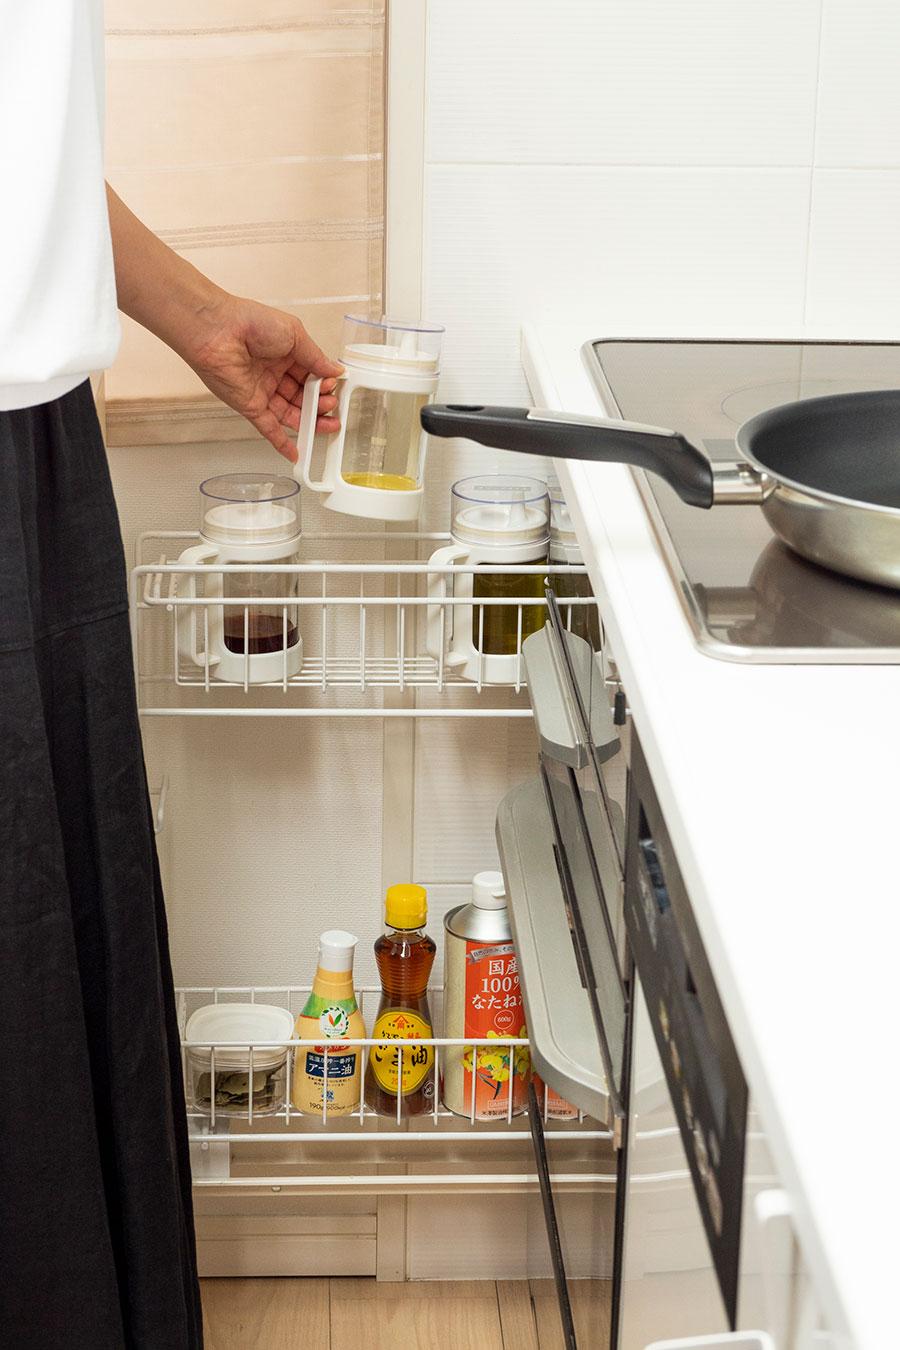 油や調味料は容器に詰め替え、立ったまま手が届く位置に。